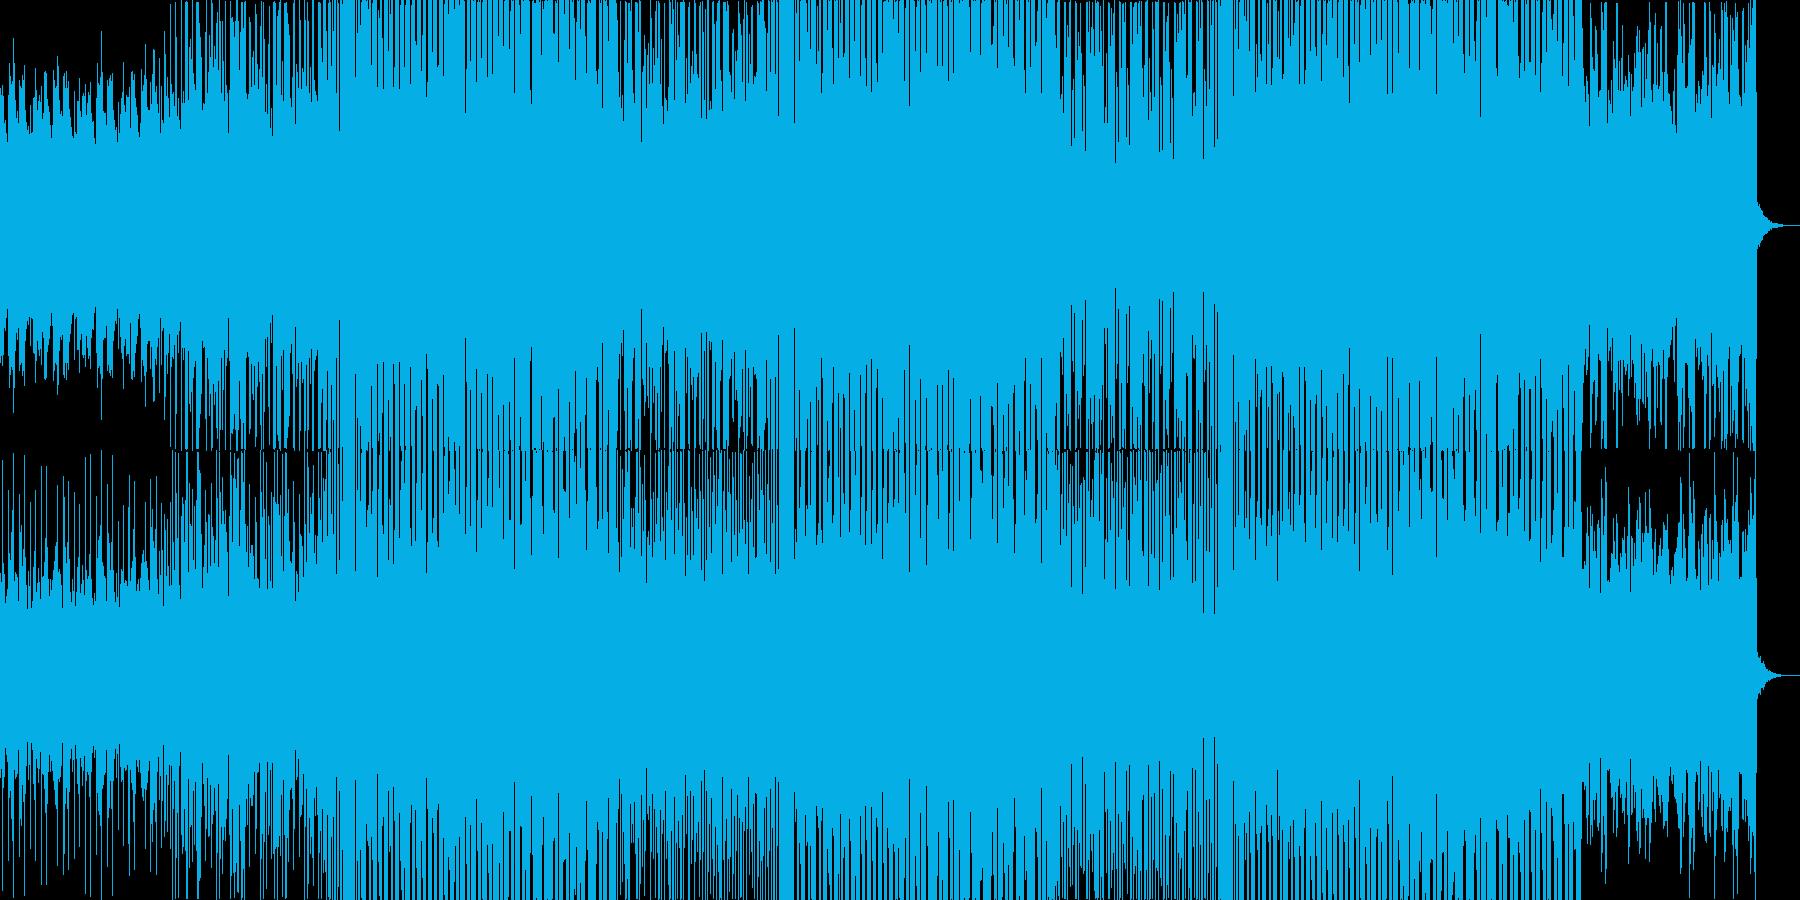 風景が移り変わる映像に ドラムンベースの再生済みの波形